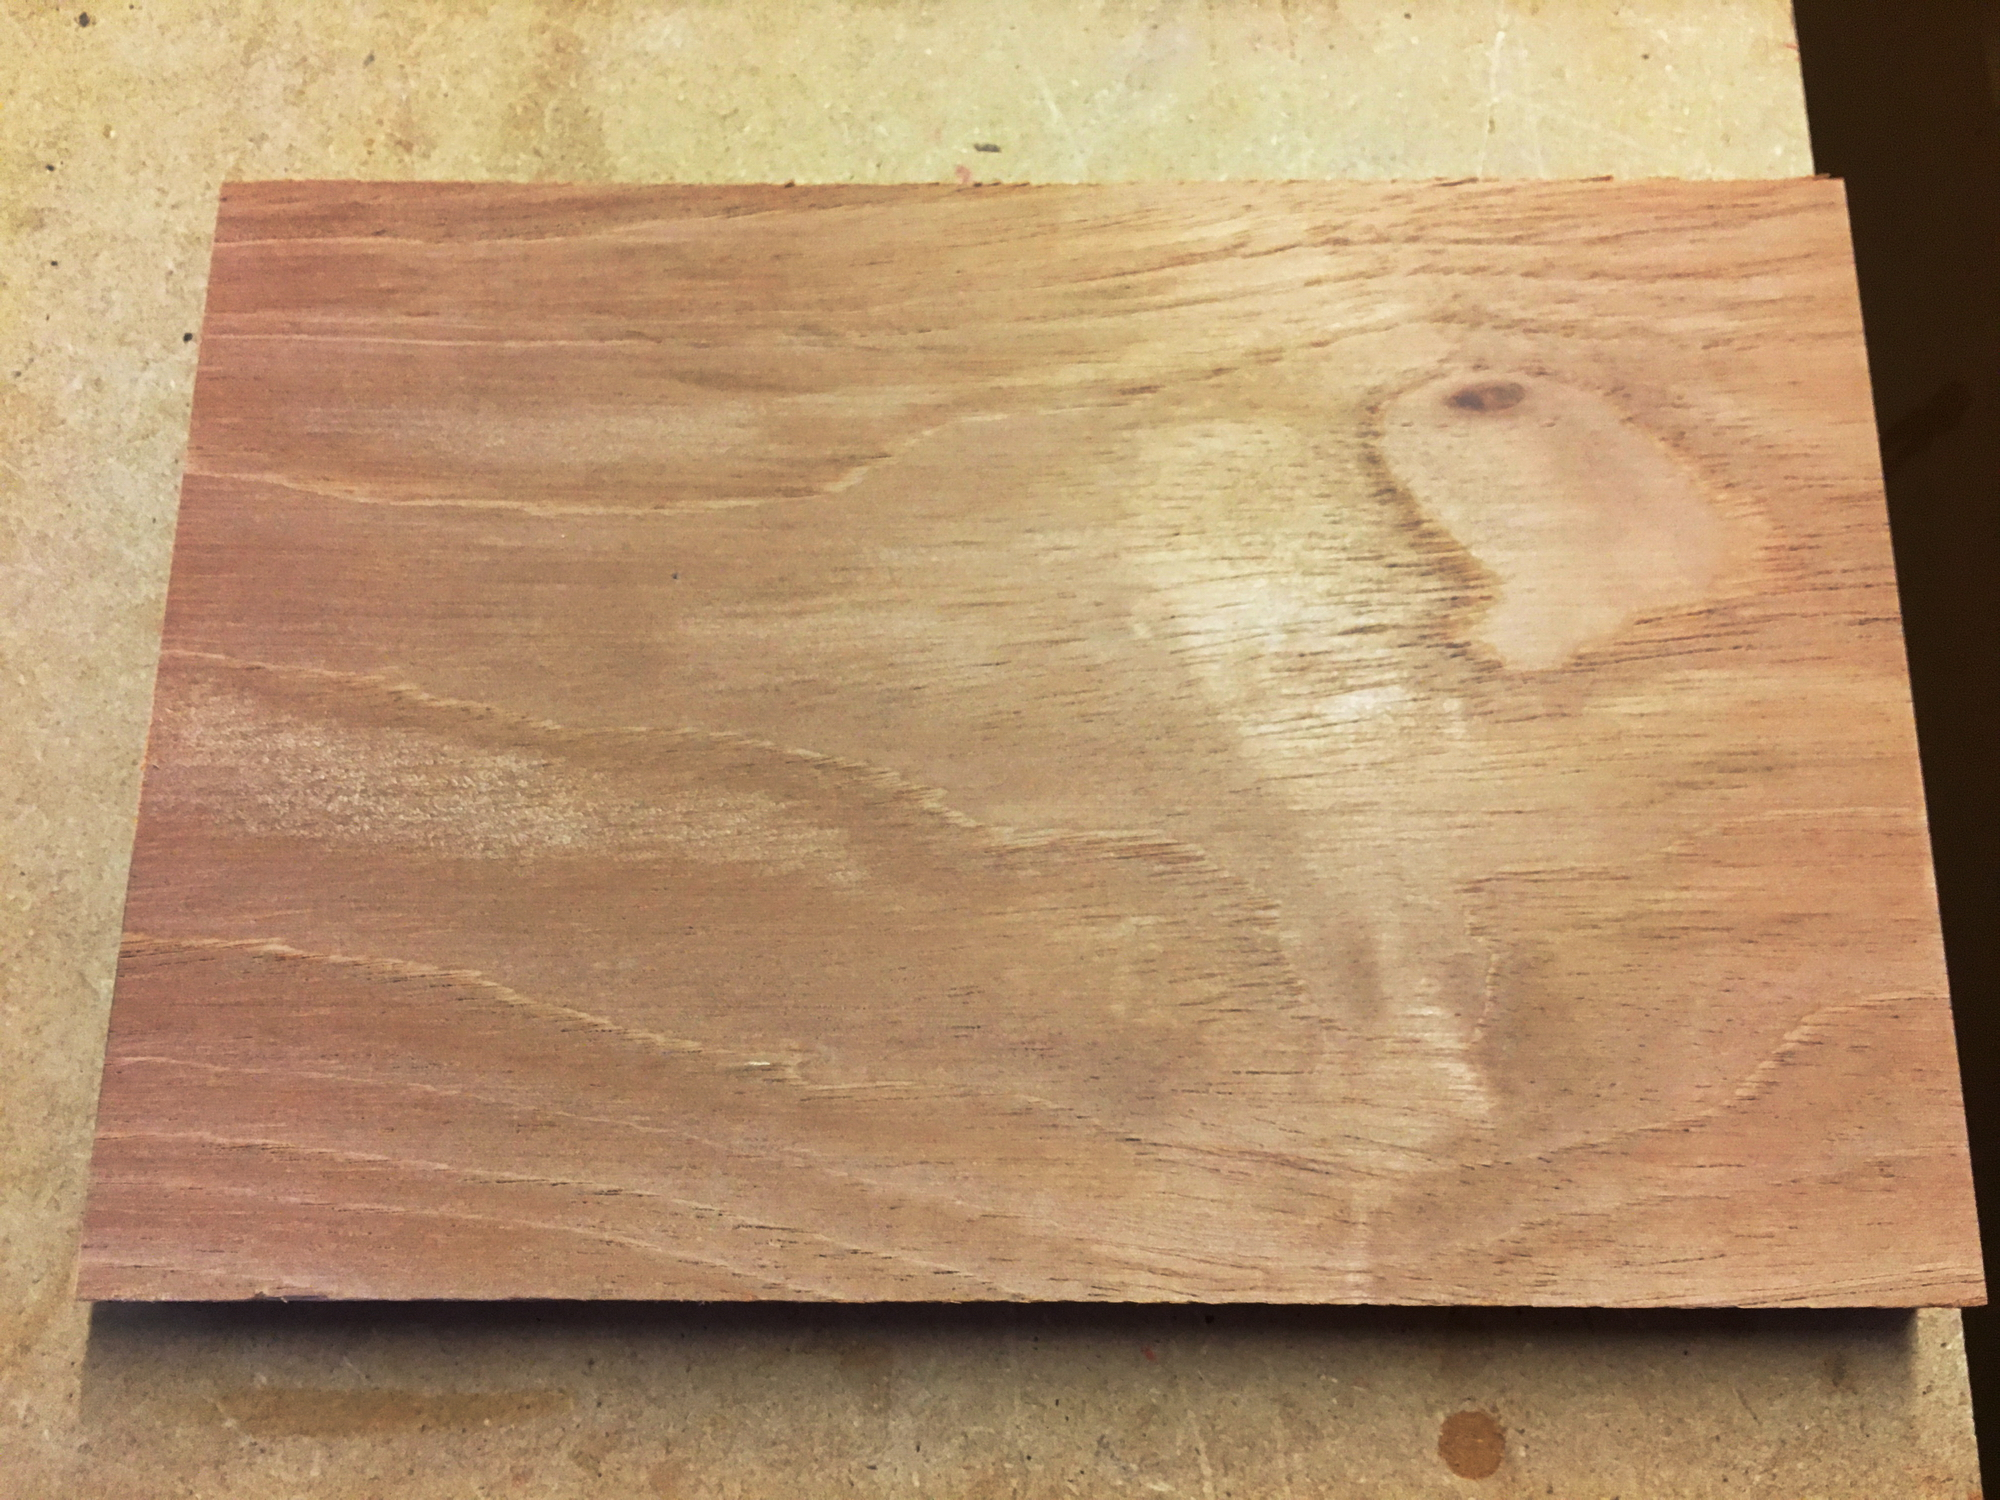 Mystery wood-001-mystery-wood-face-grain.jpg